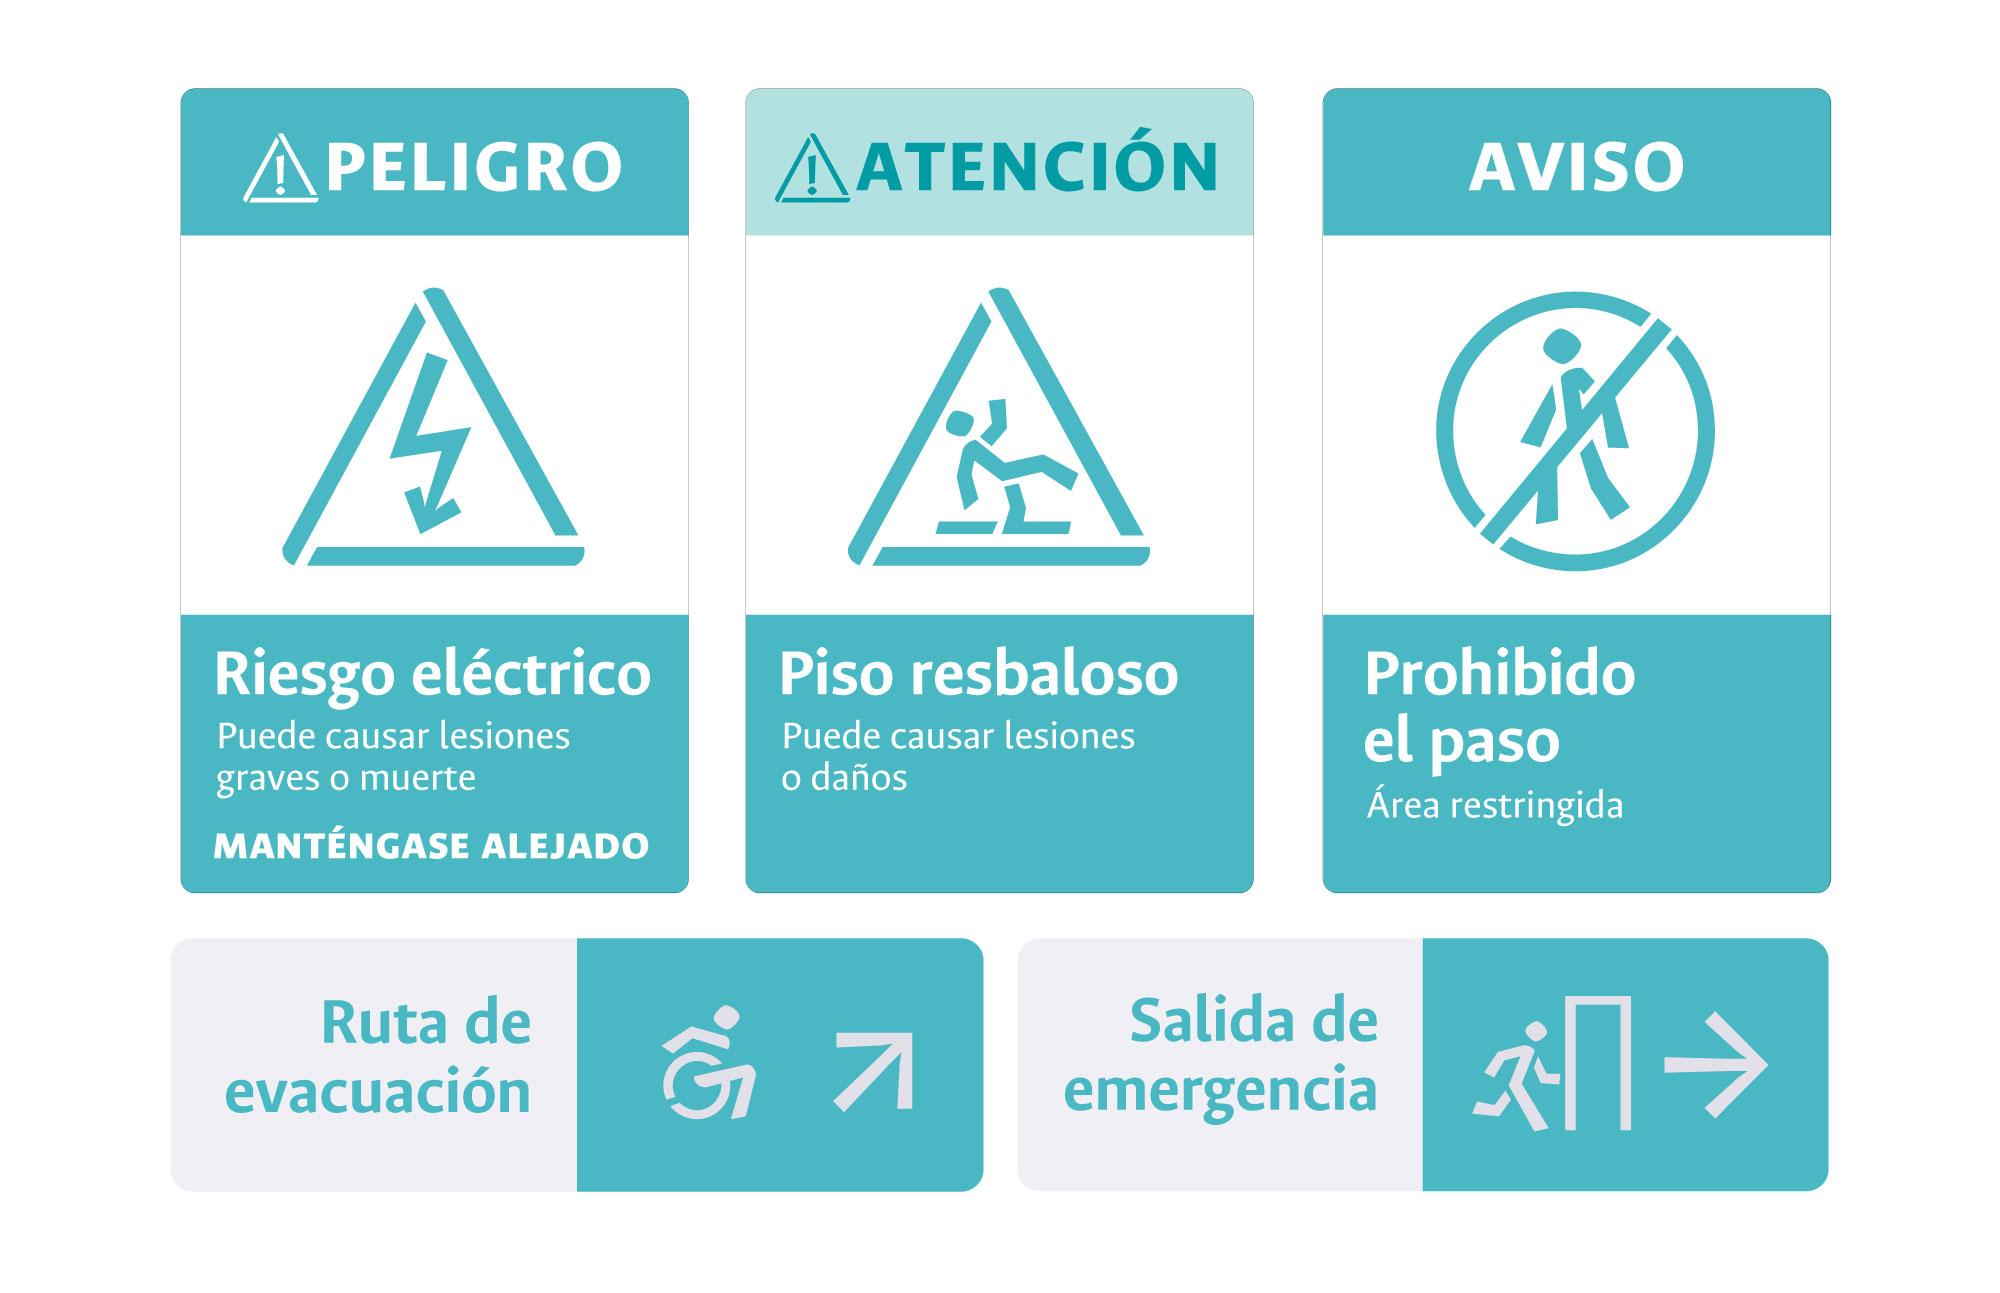 Aunque estas señales cuentan con unos parámetros establecidos por la Norma Técnica Colombiana 1461, los elementos de diseño que se usan pueden ser los propios de la Universidad, conservando la imagen institucional.